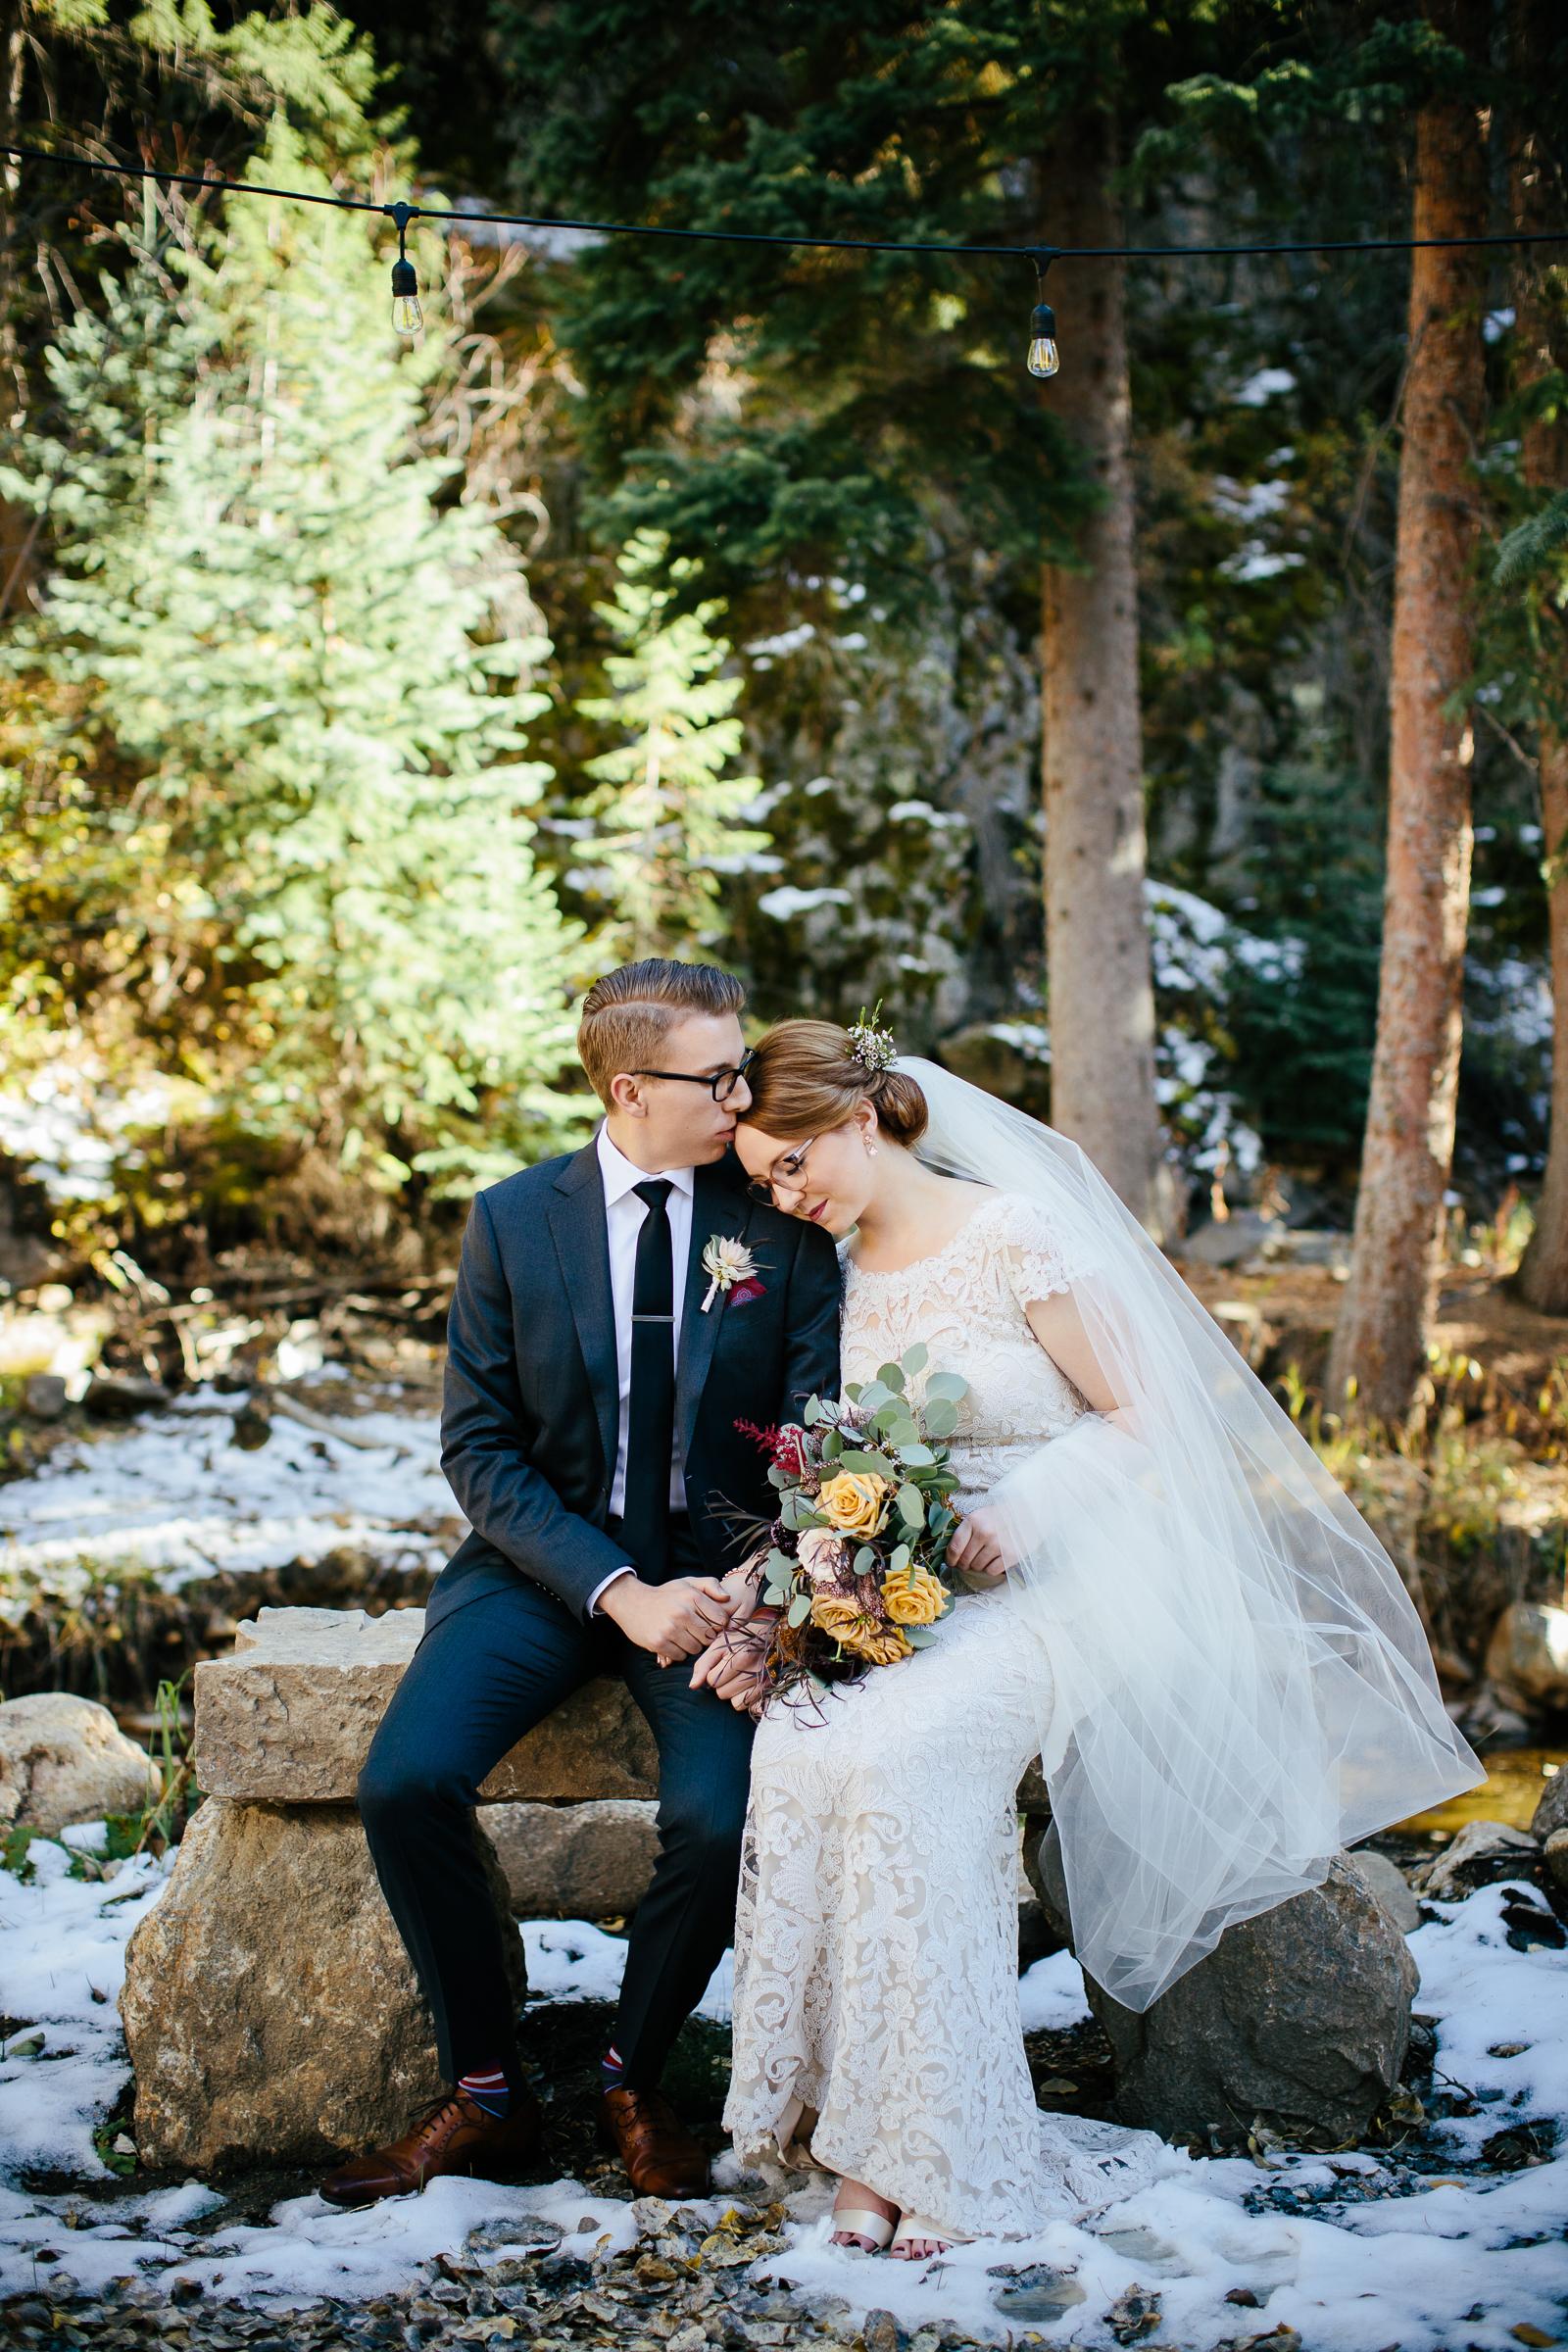 S+S, Married{MWP}-364.jpg